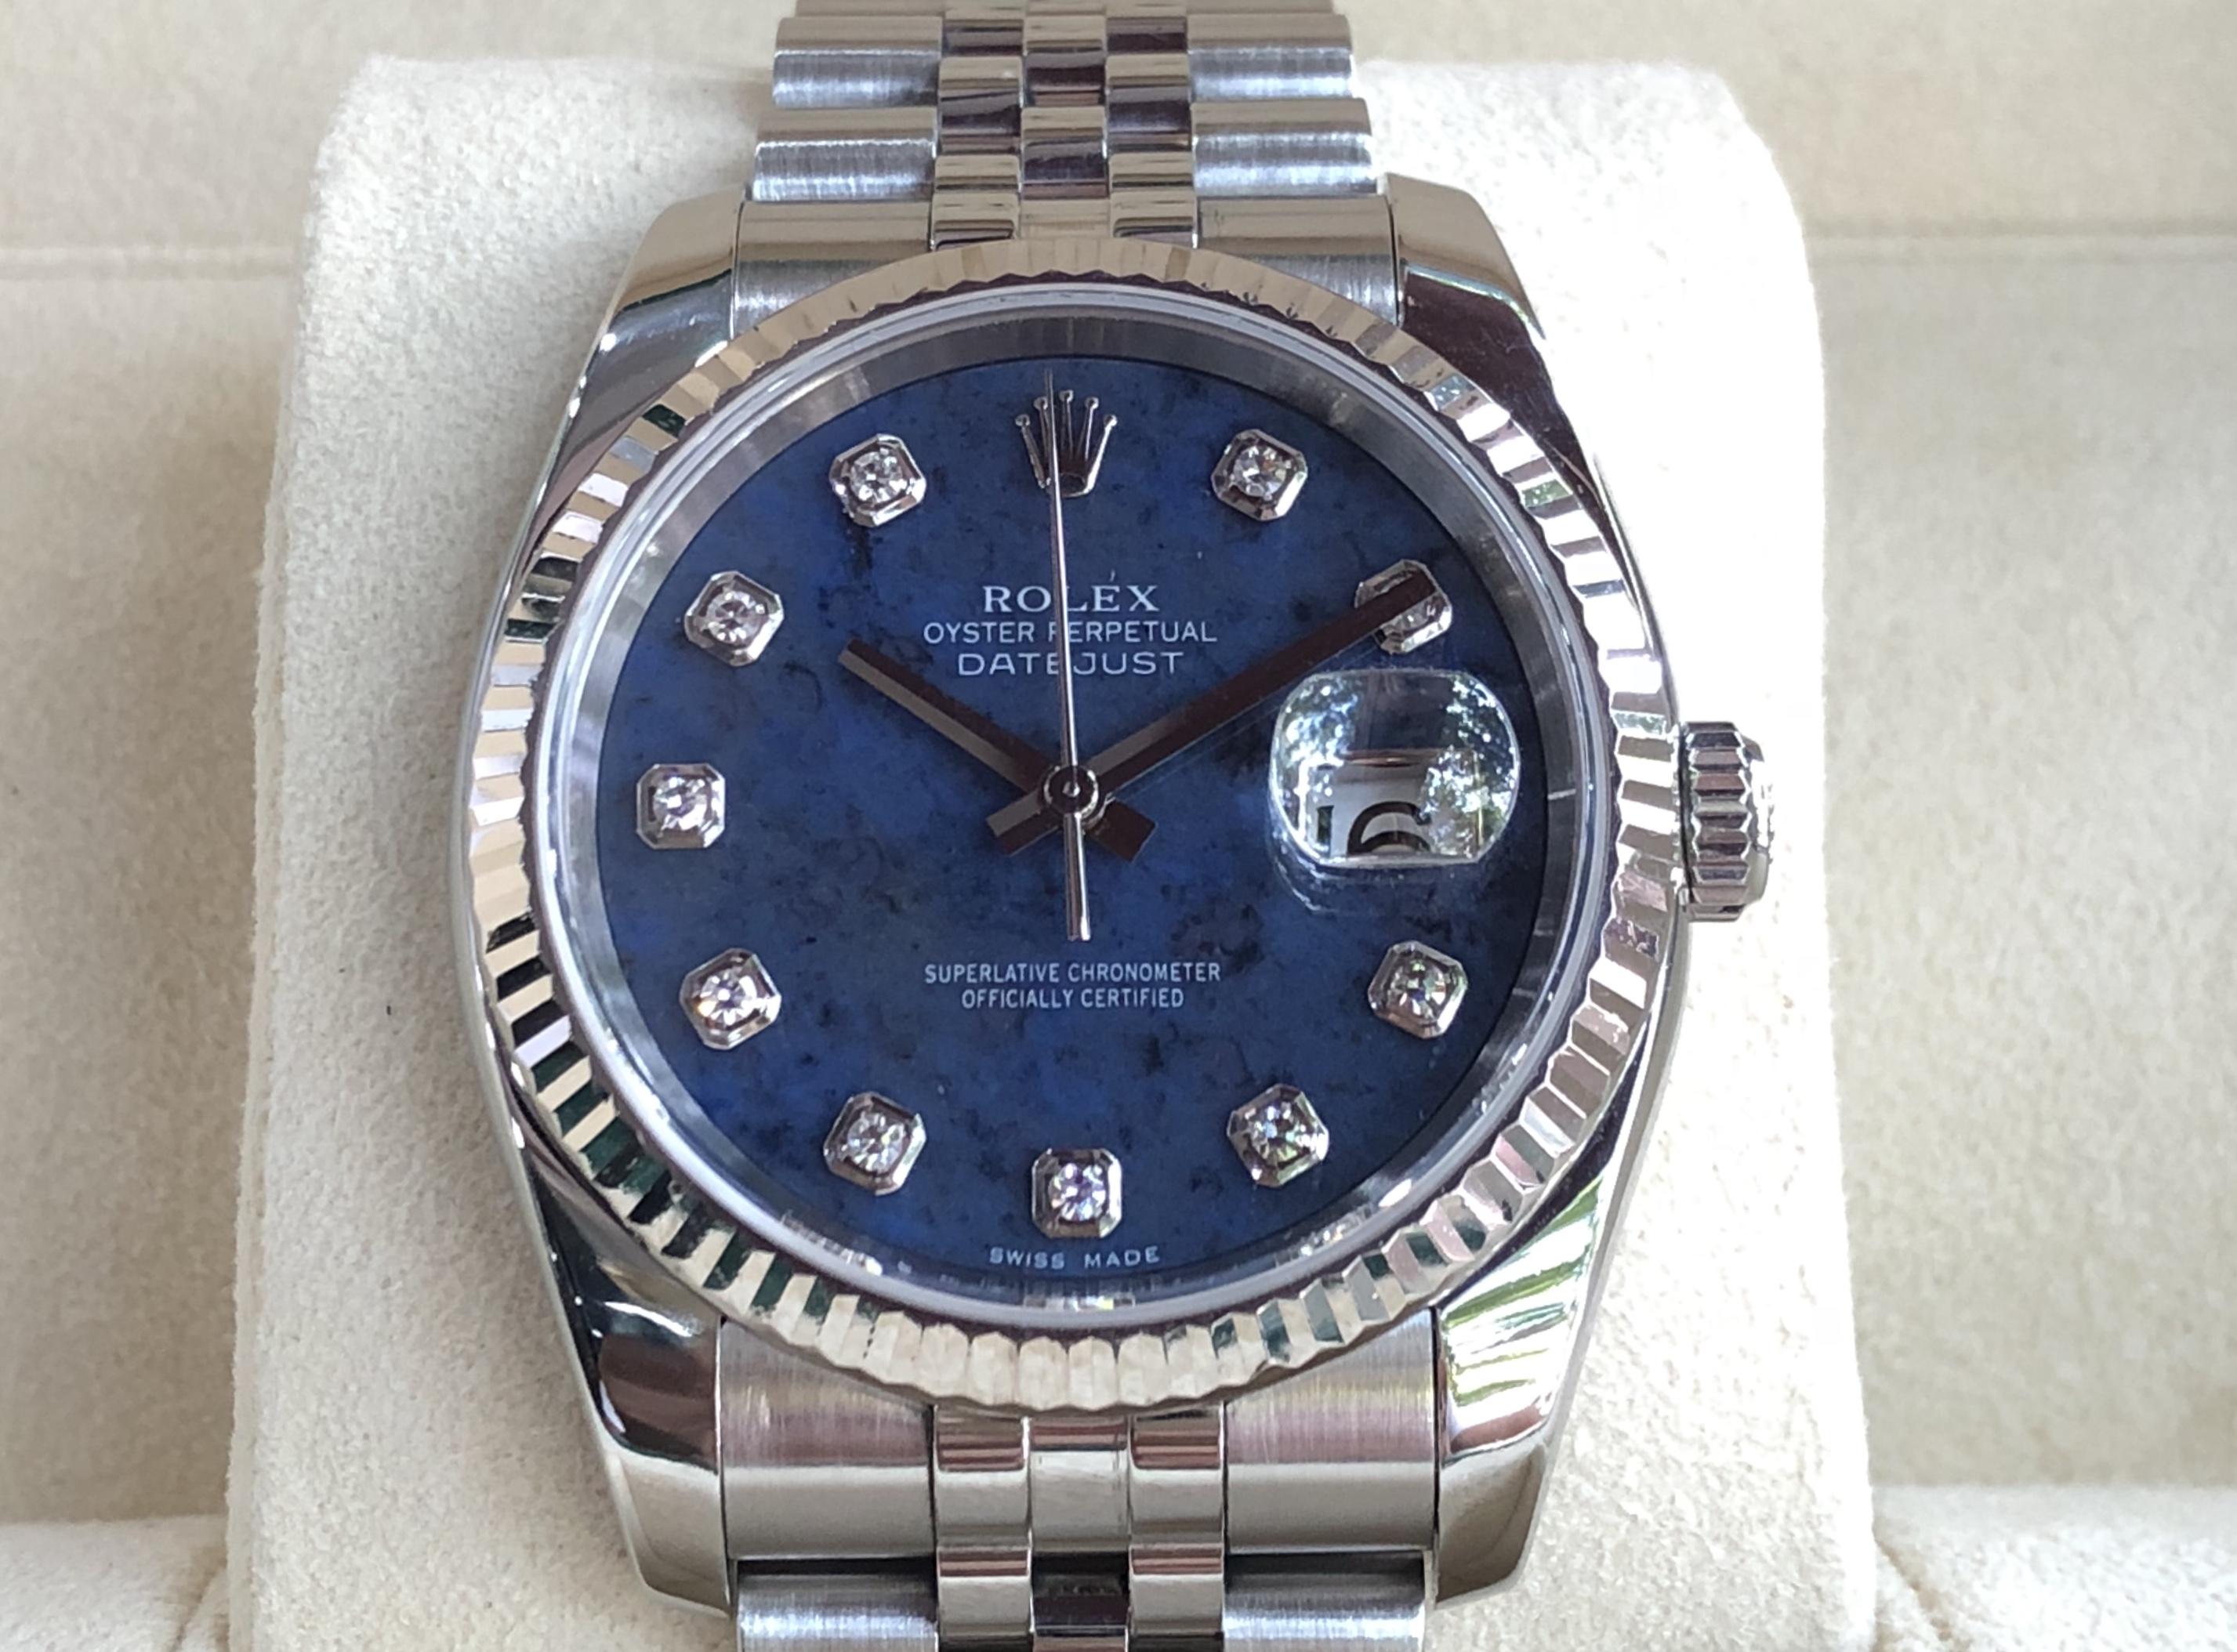 Rolex 116234 mặt đá xanh cực hiếm sản xuất năm 2005